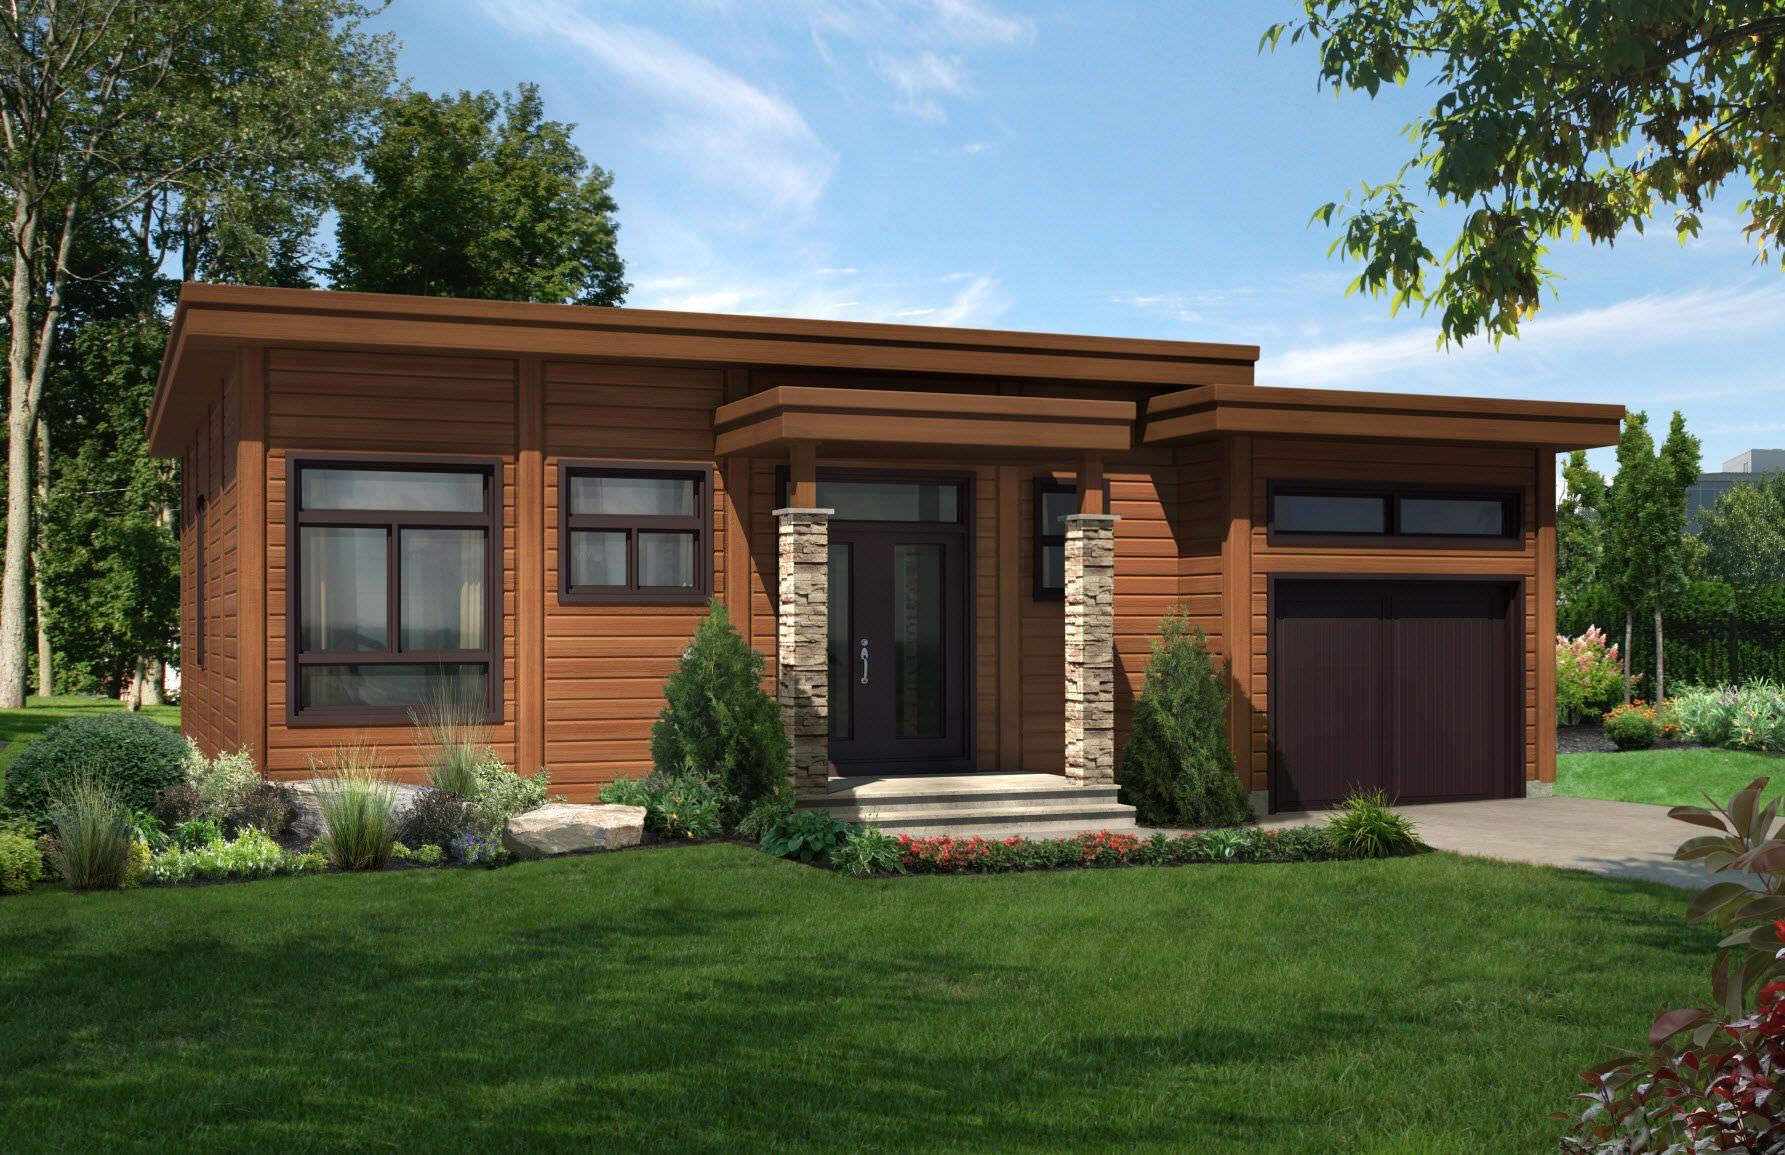 Fachadas de casas modernas de un piso buscar con google for Modelos de casas minimalistas de una planta